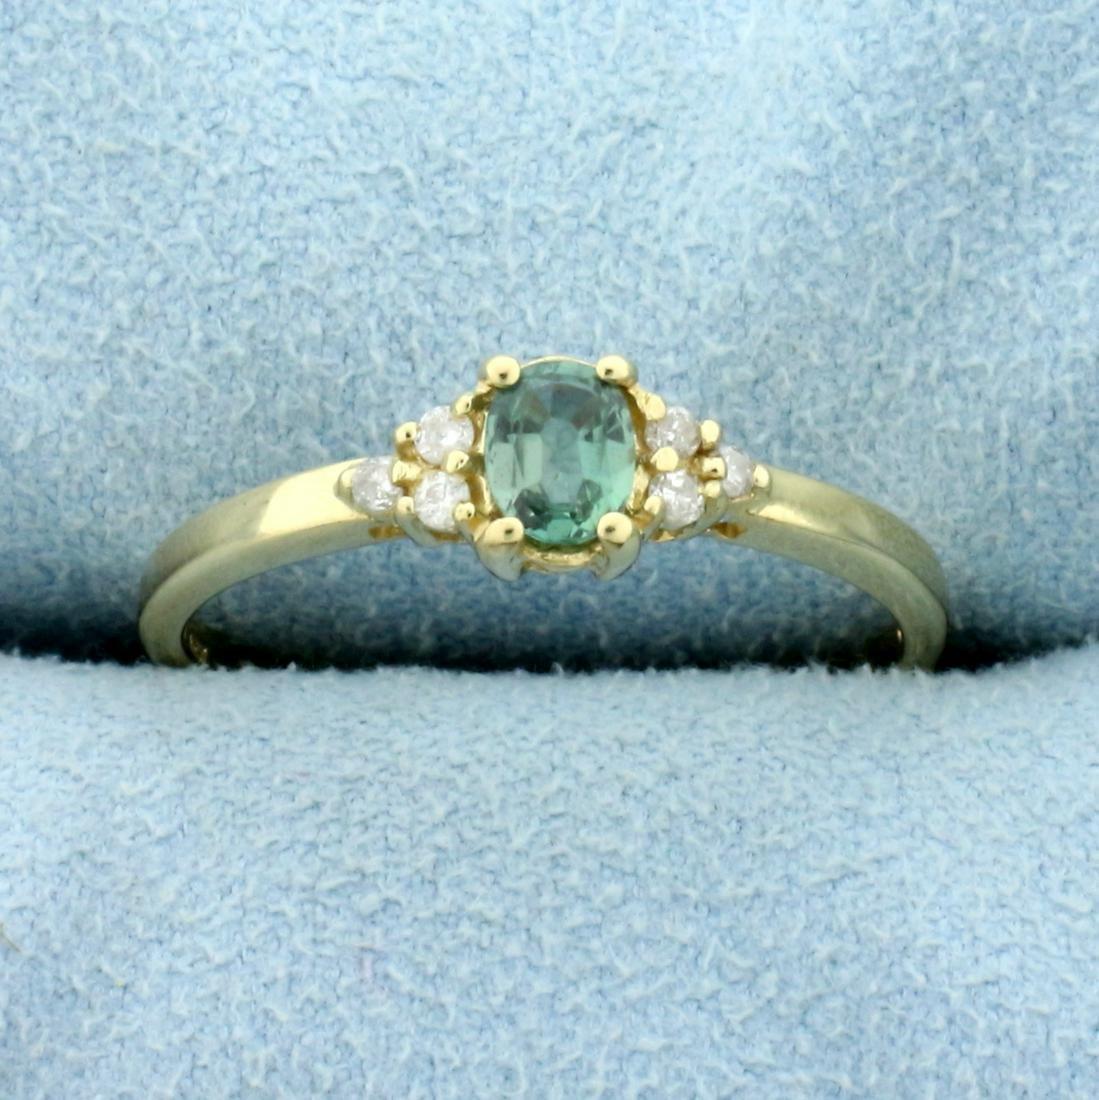 Green Vanadium Chrysoberyl and Diamond Ring in 14K